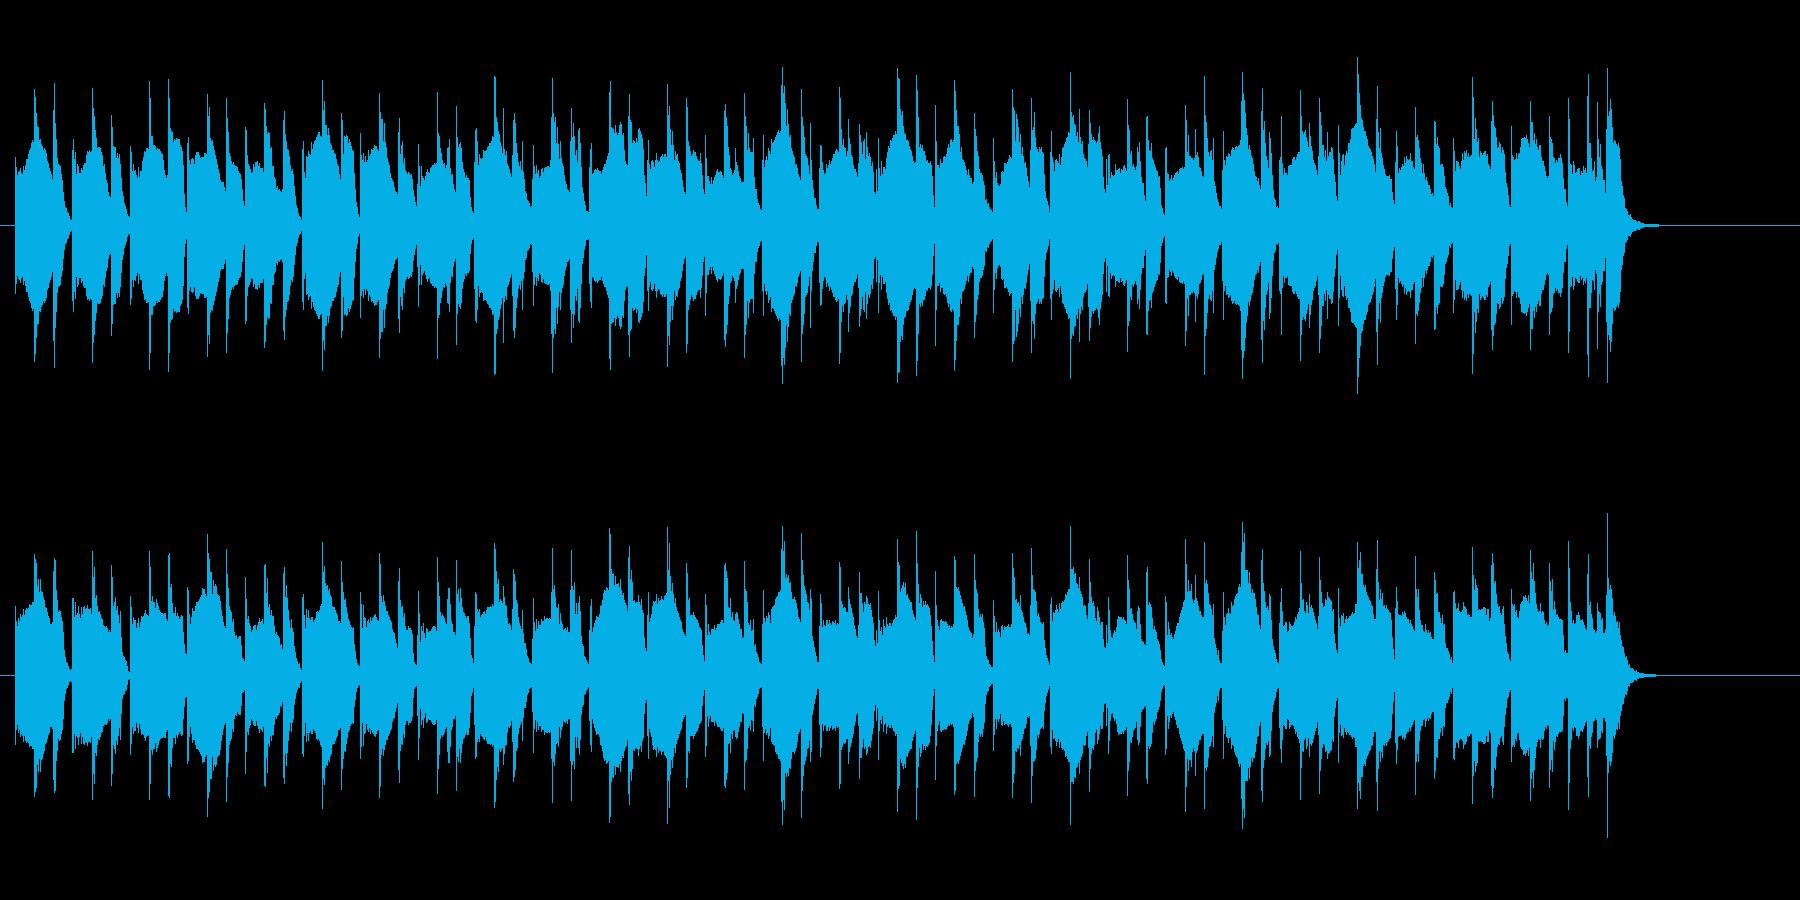 単調ながらキュートな音色のドキュメントの再生済みの波形